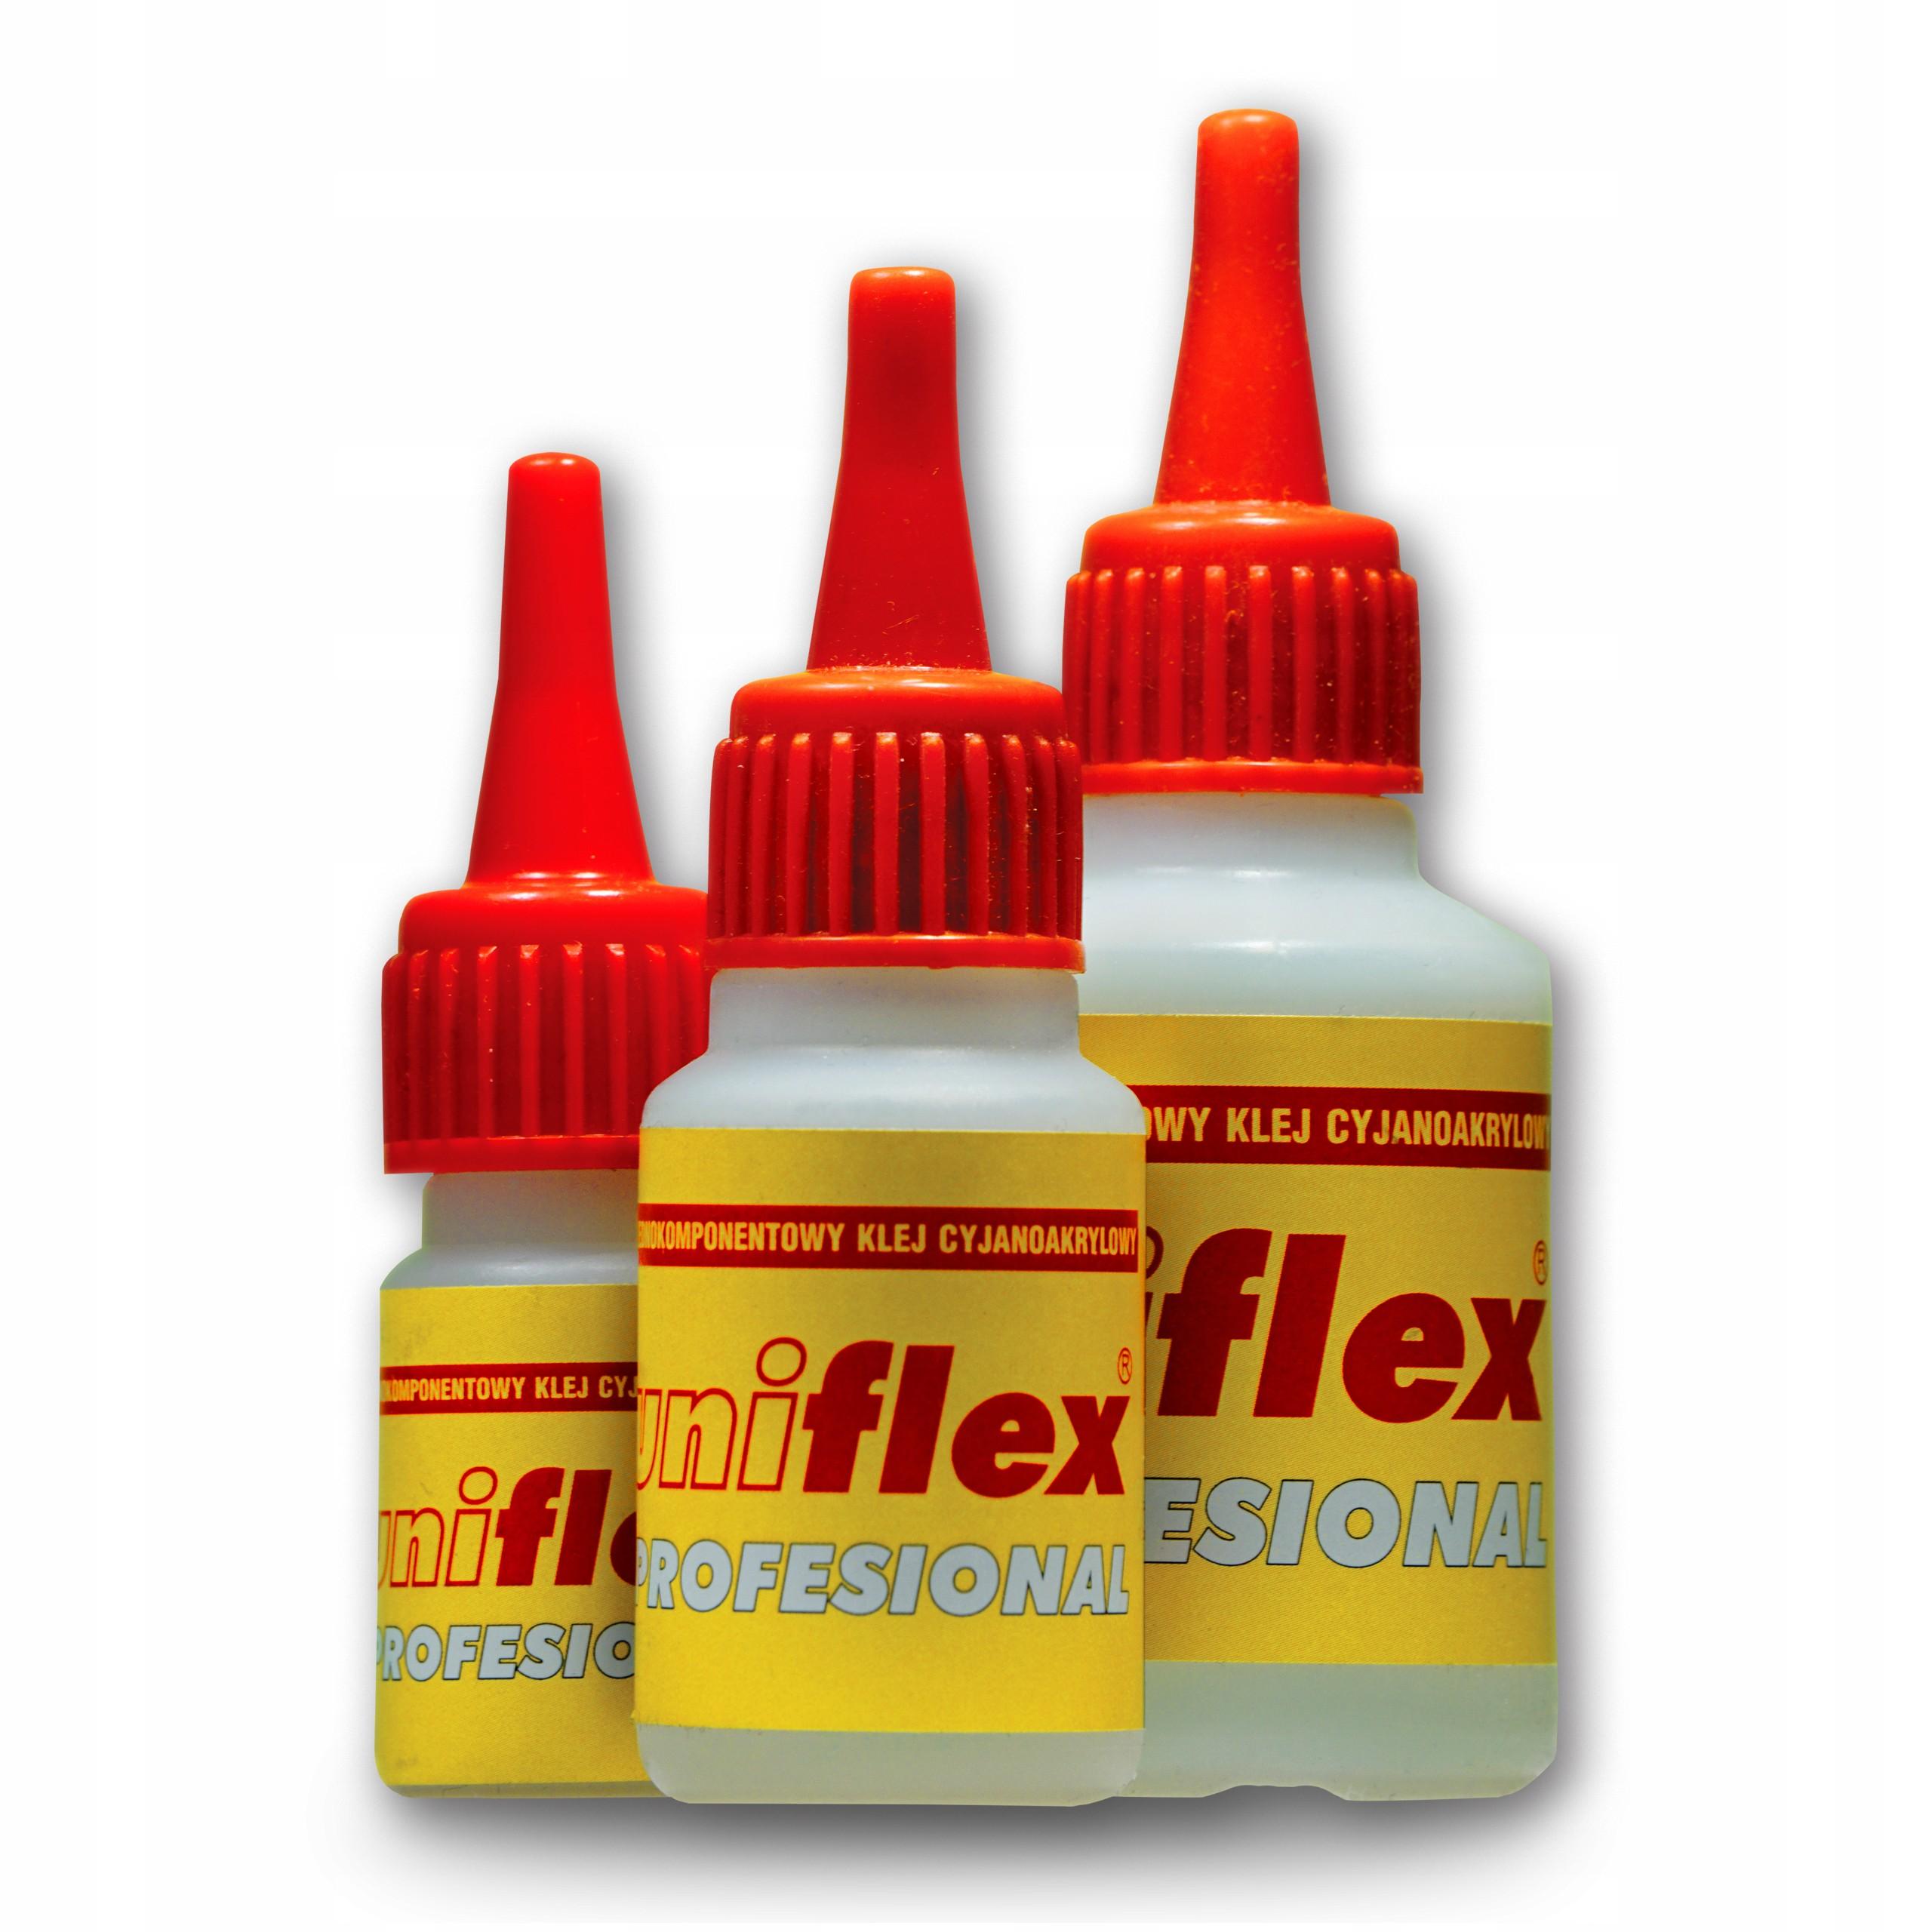 Uniflex PROFESIONAL - профессиональный клей - 20г